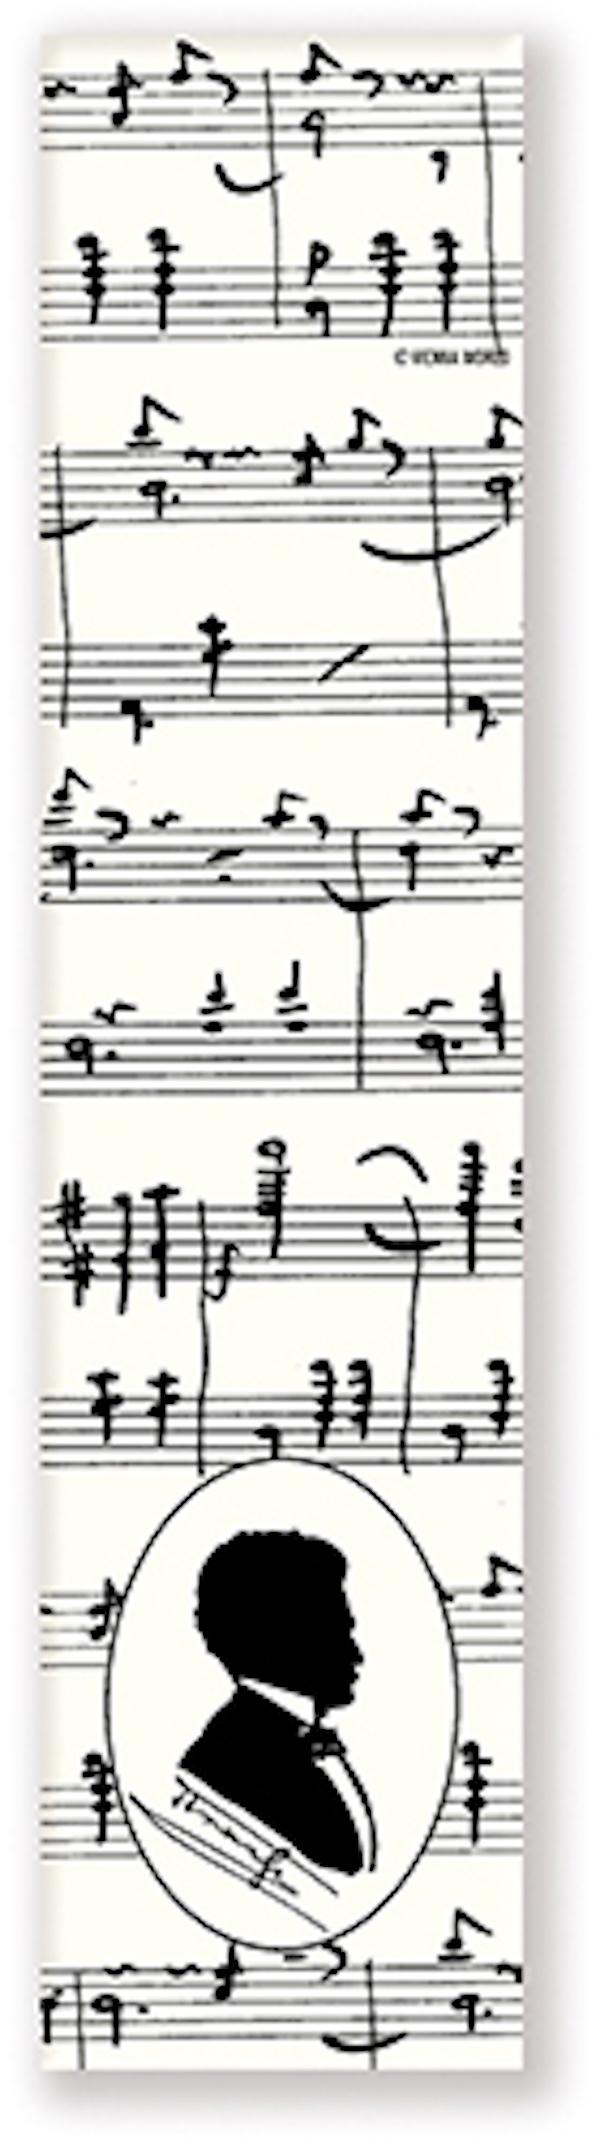 Lesezeichen Strauss Silhouette